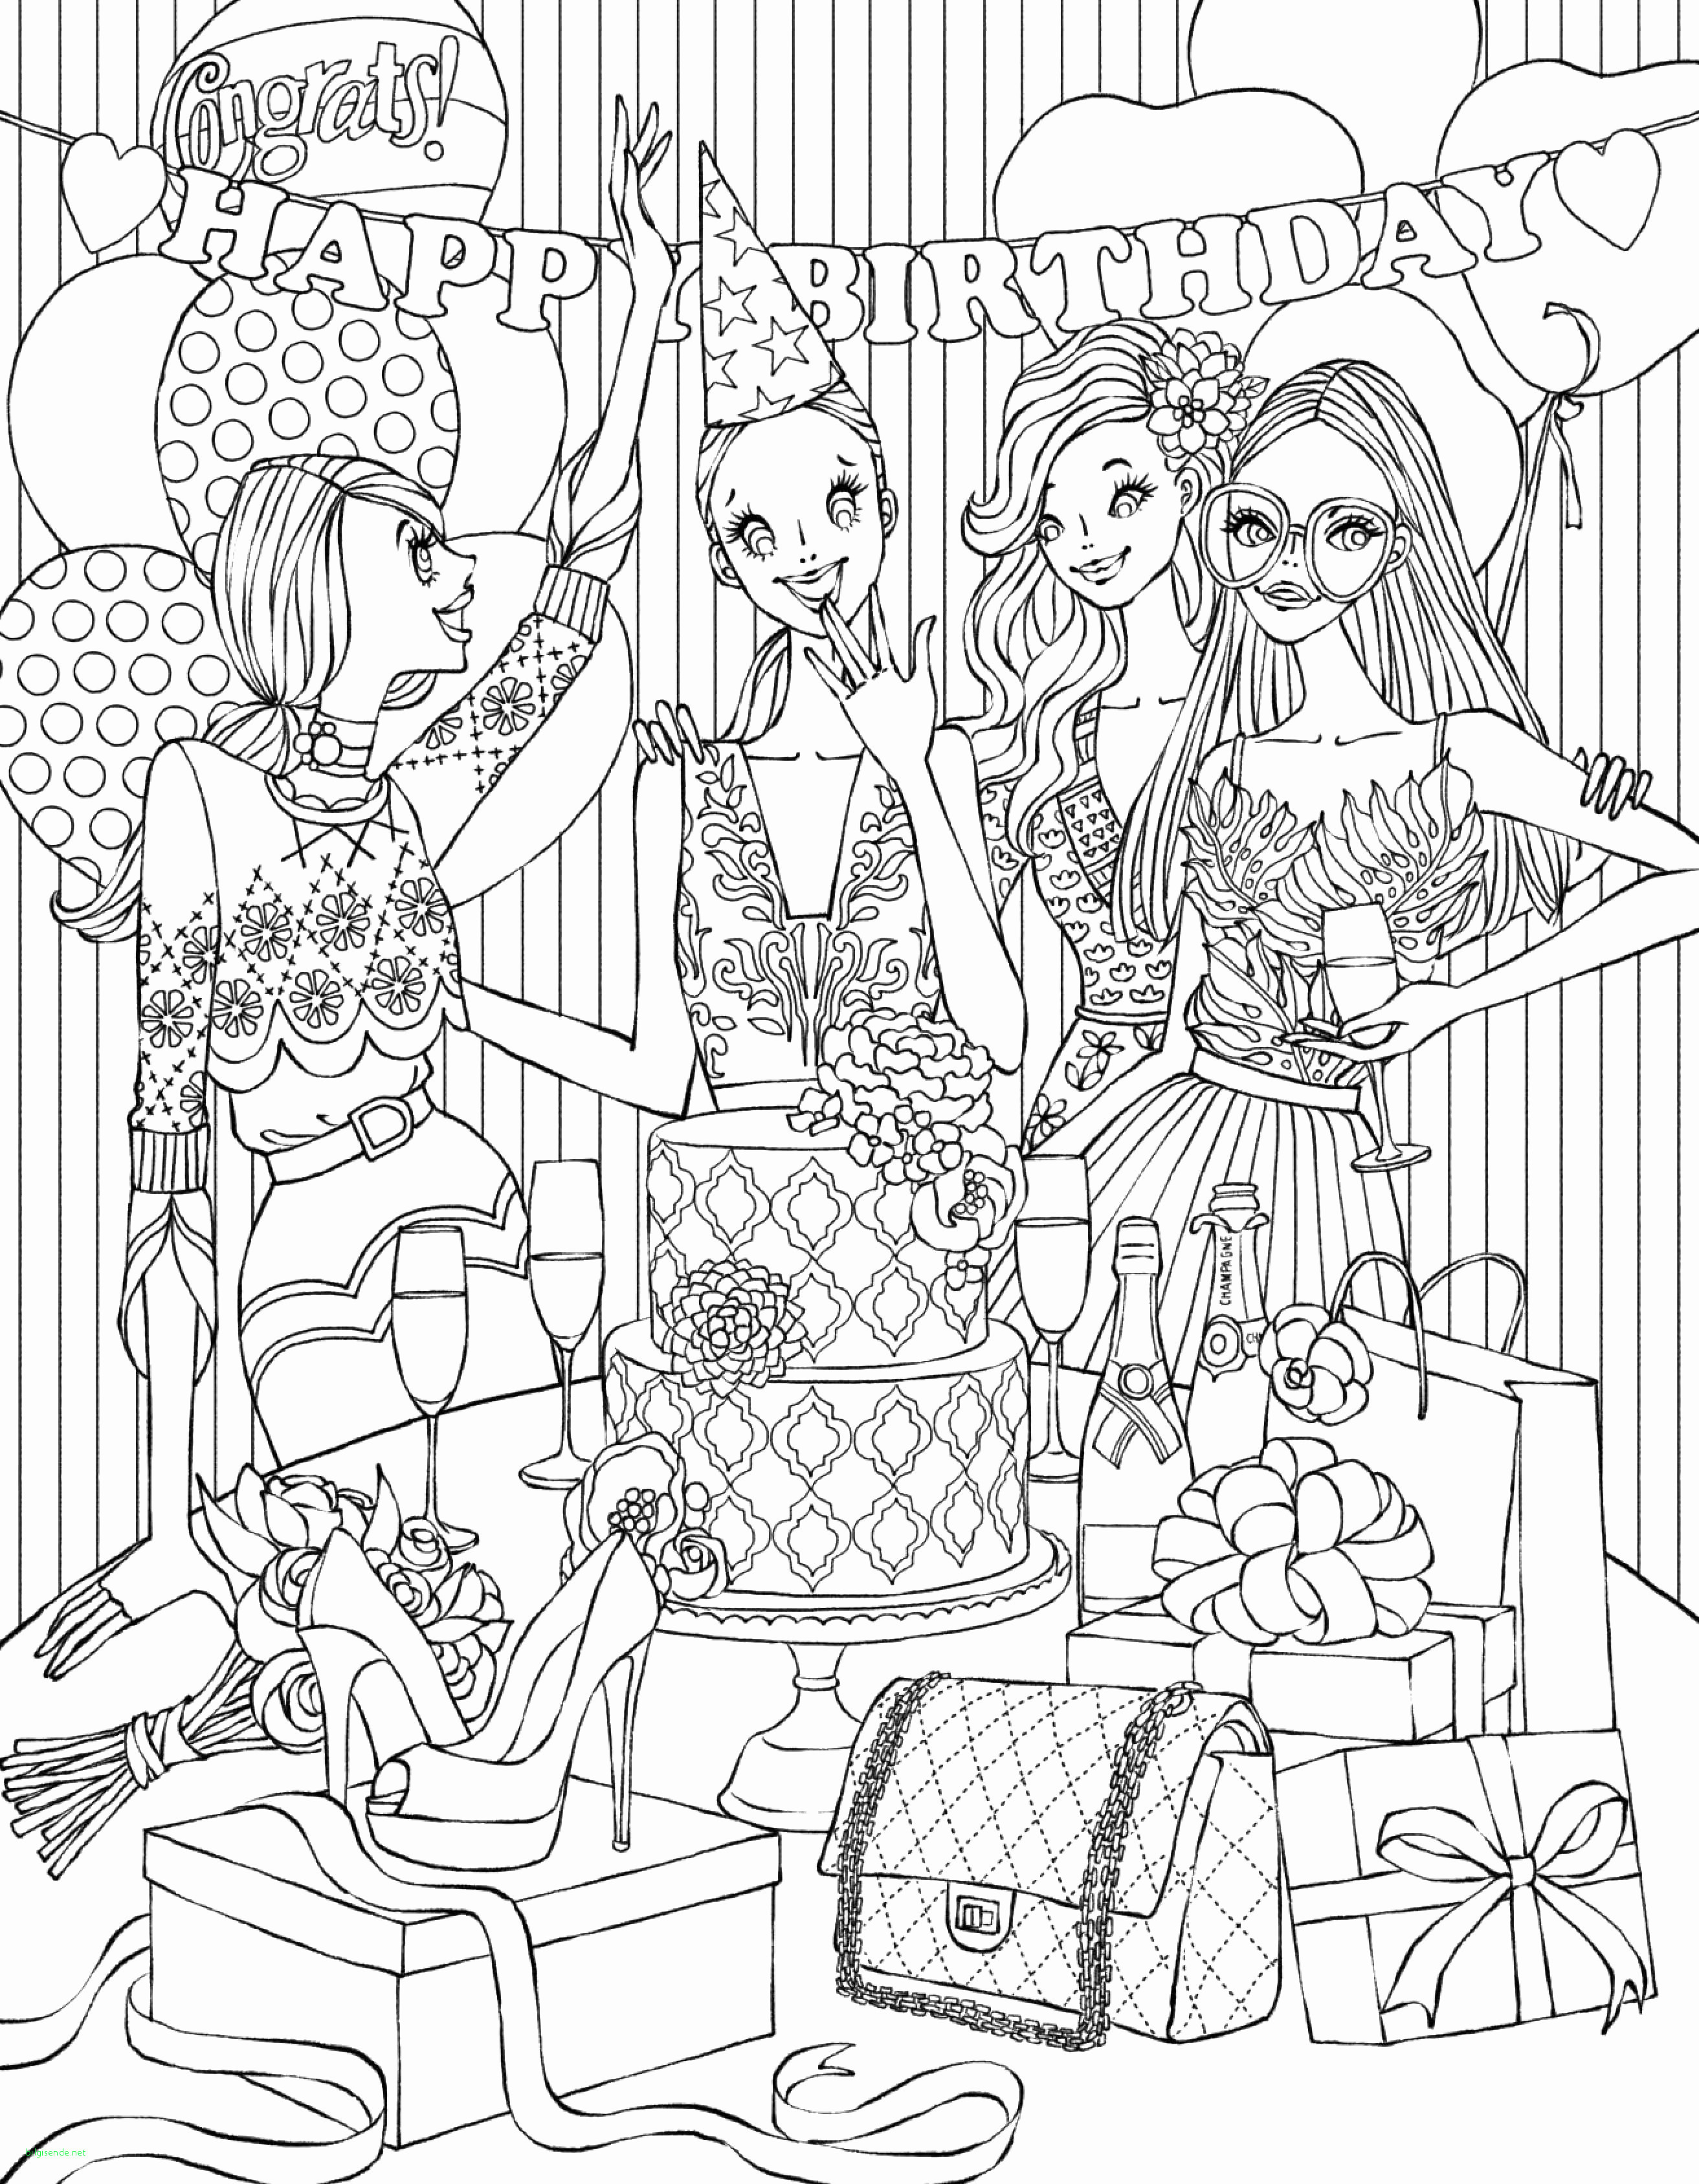 Arielle Ausmalbilder Zum Drucken Kostenlos Neu Inspirational Free Coloring Pages Disney Princess Ariel Elegant Galerie